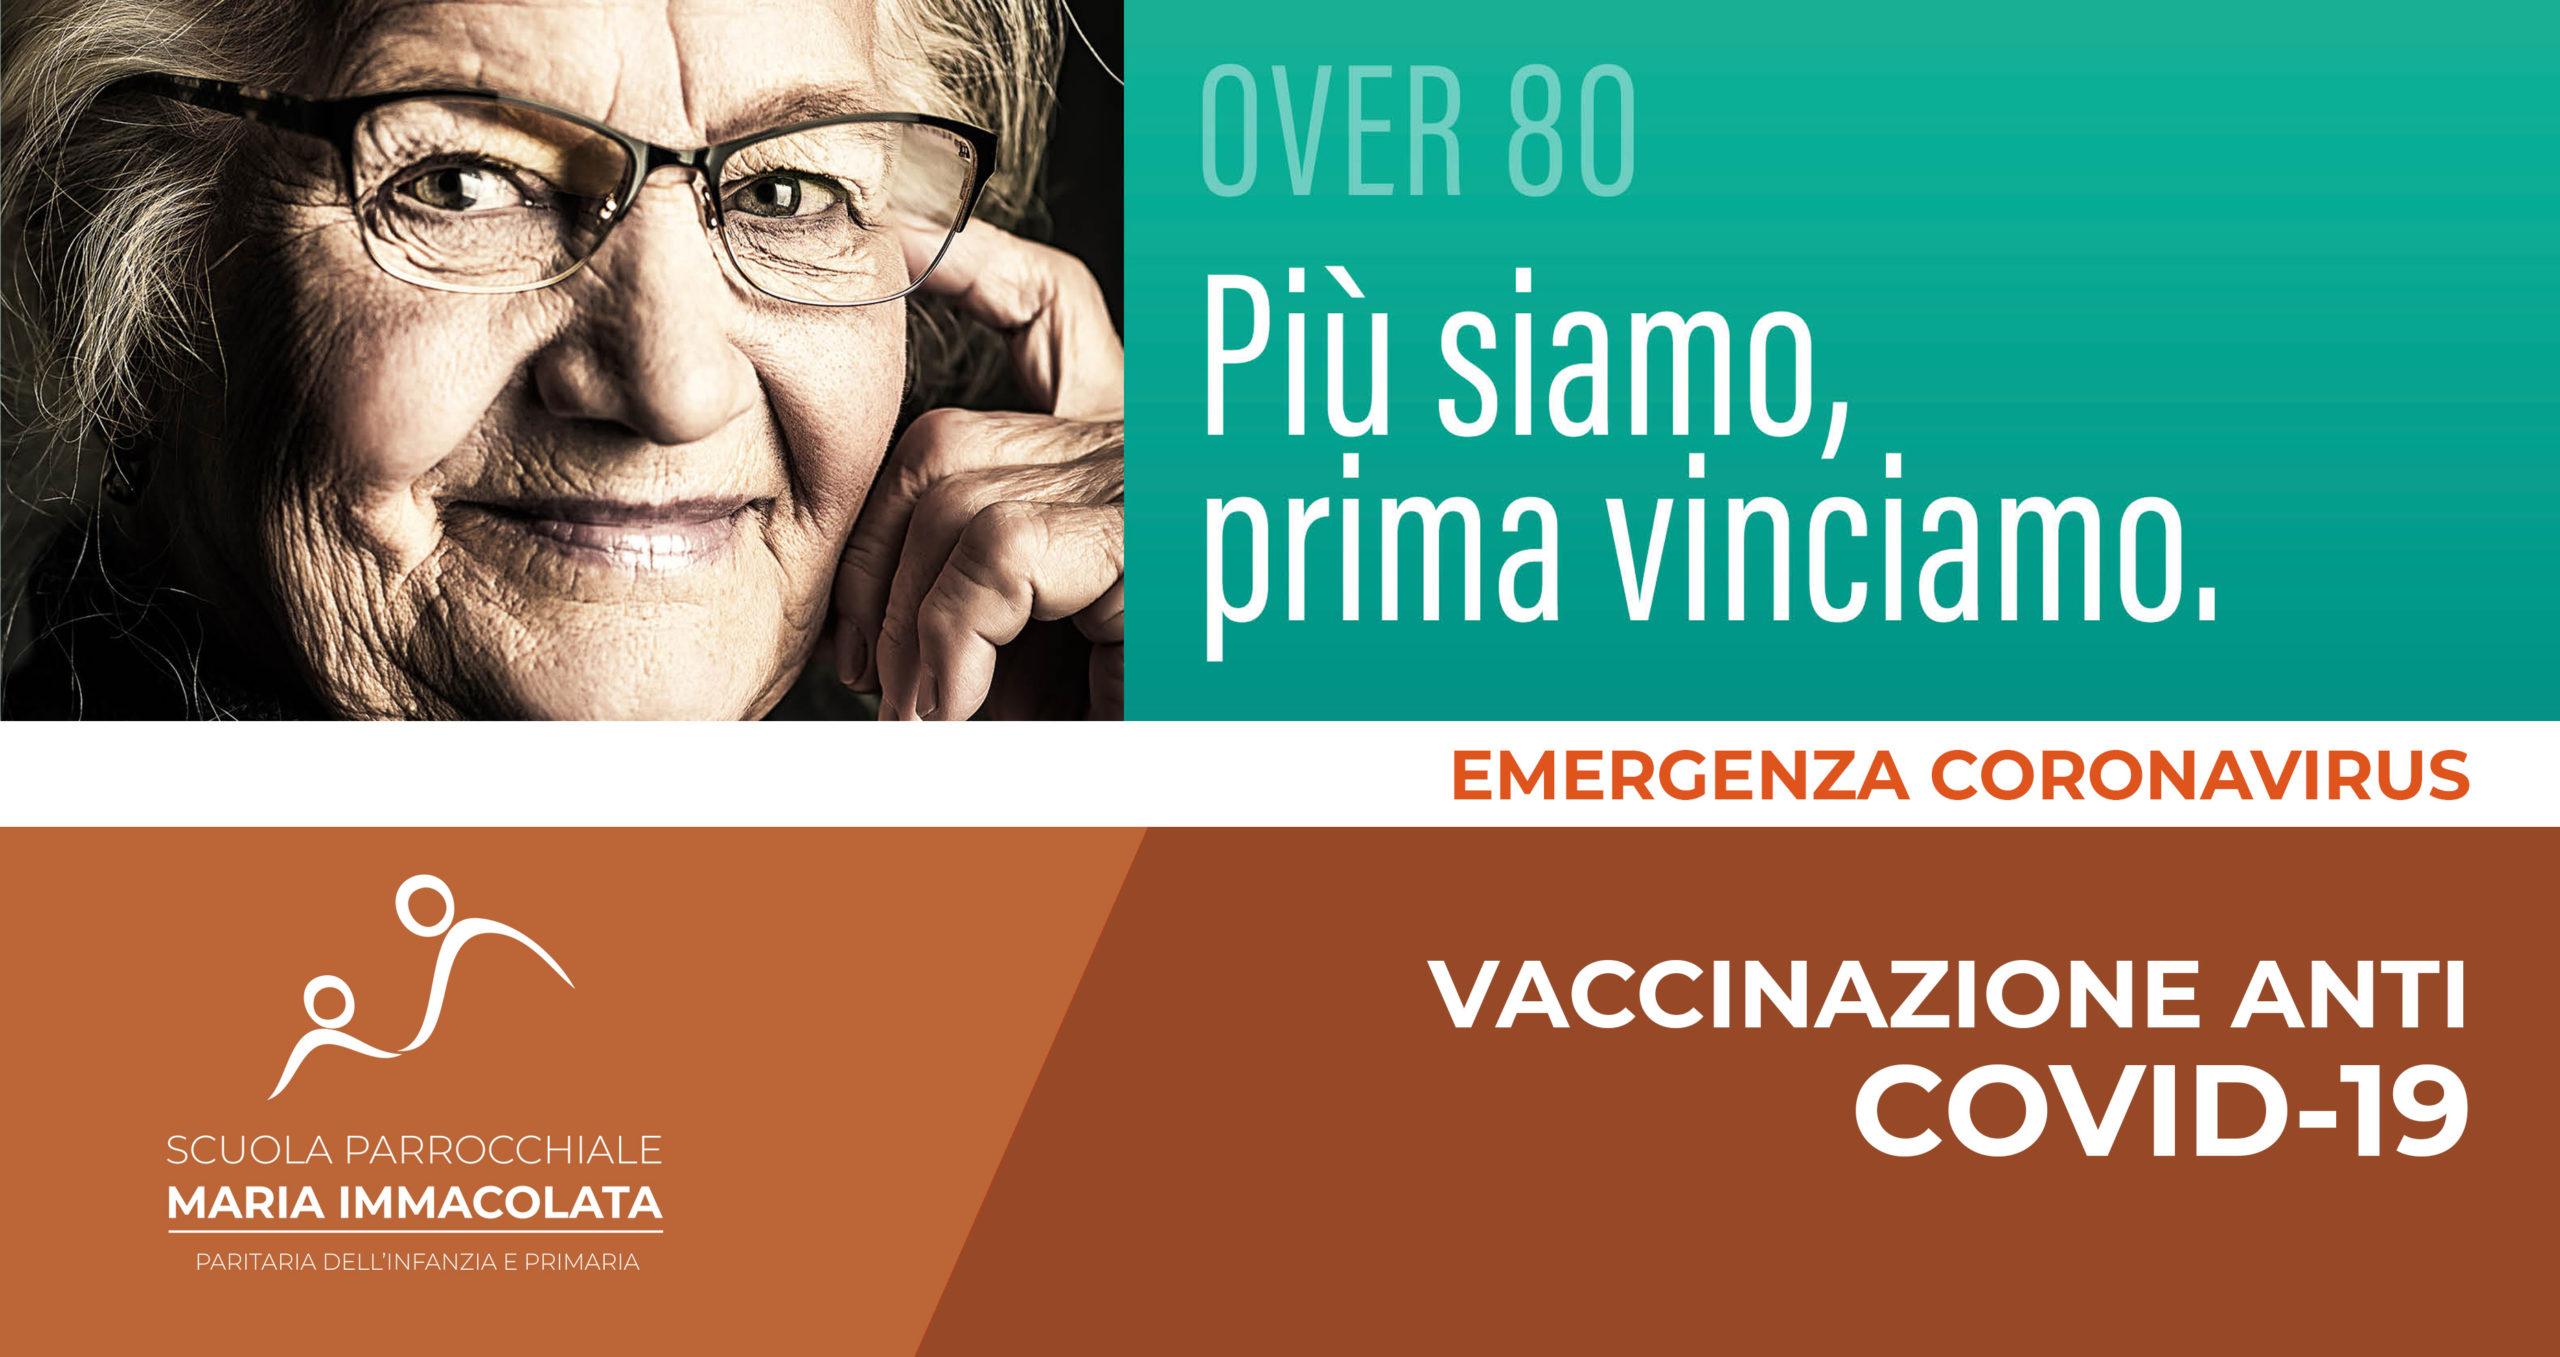 É partita in Lombardia la Campagna per la vaccinazione Anti Covid-19